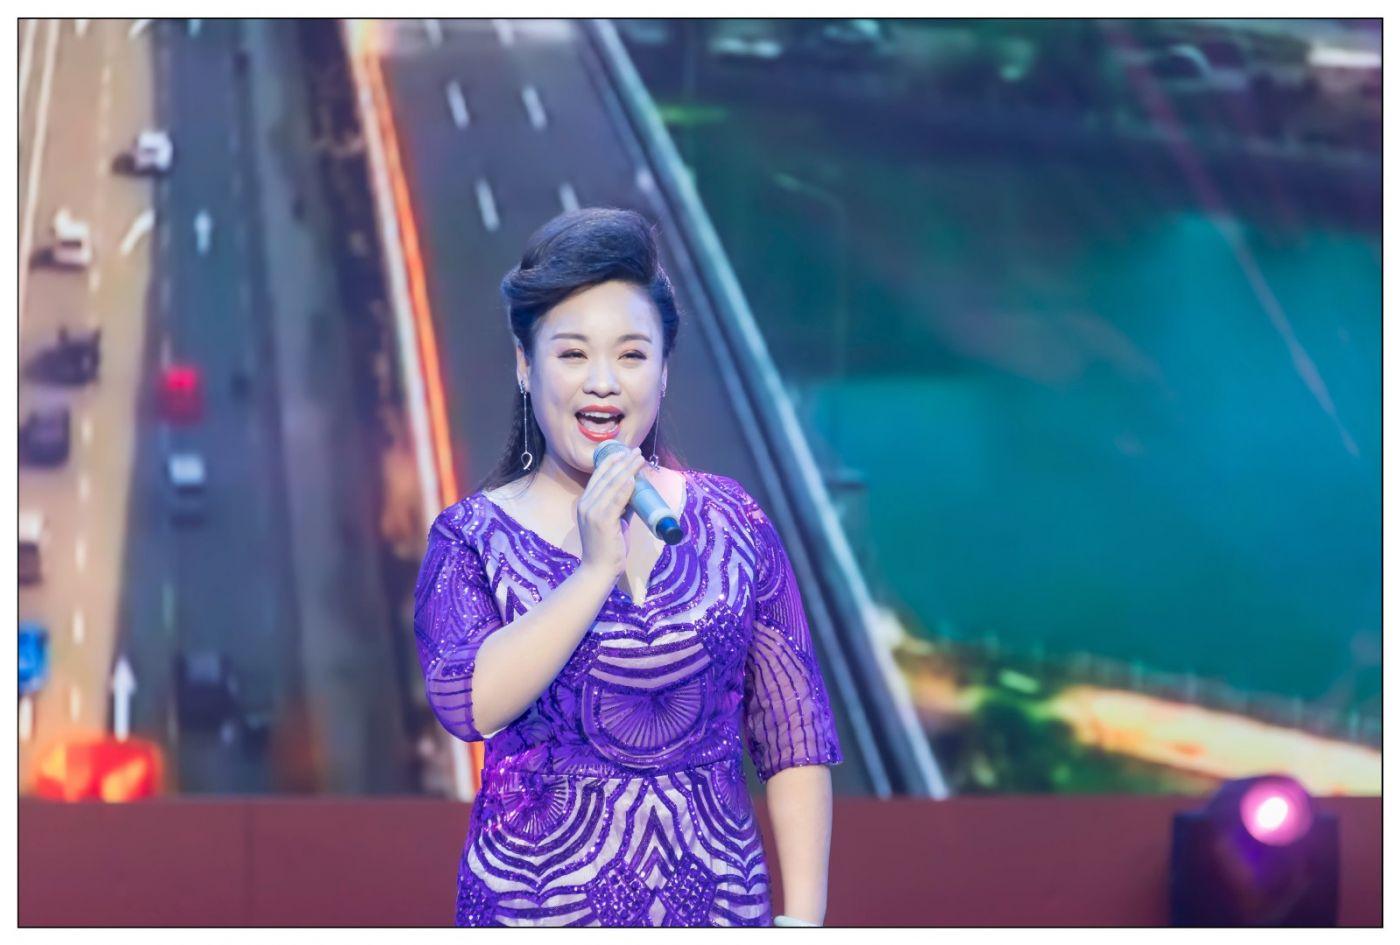 临沂姑娘杨妮妮曾感动春晚总动员 今晚在临沂电视台大放异彩 ..._图1-21